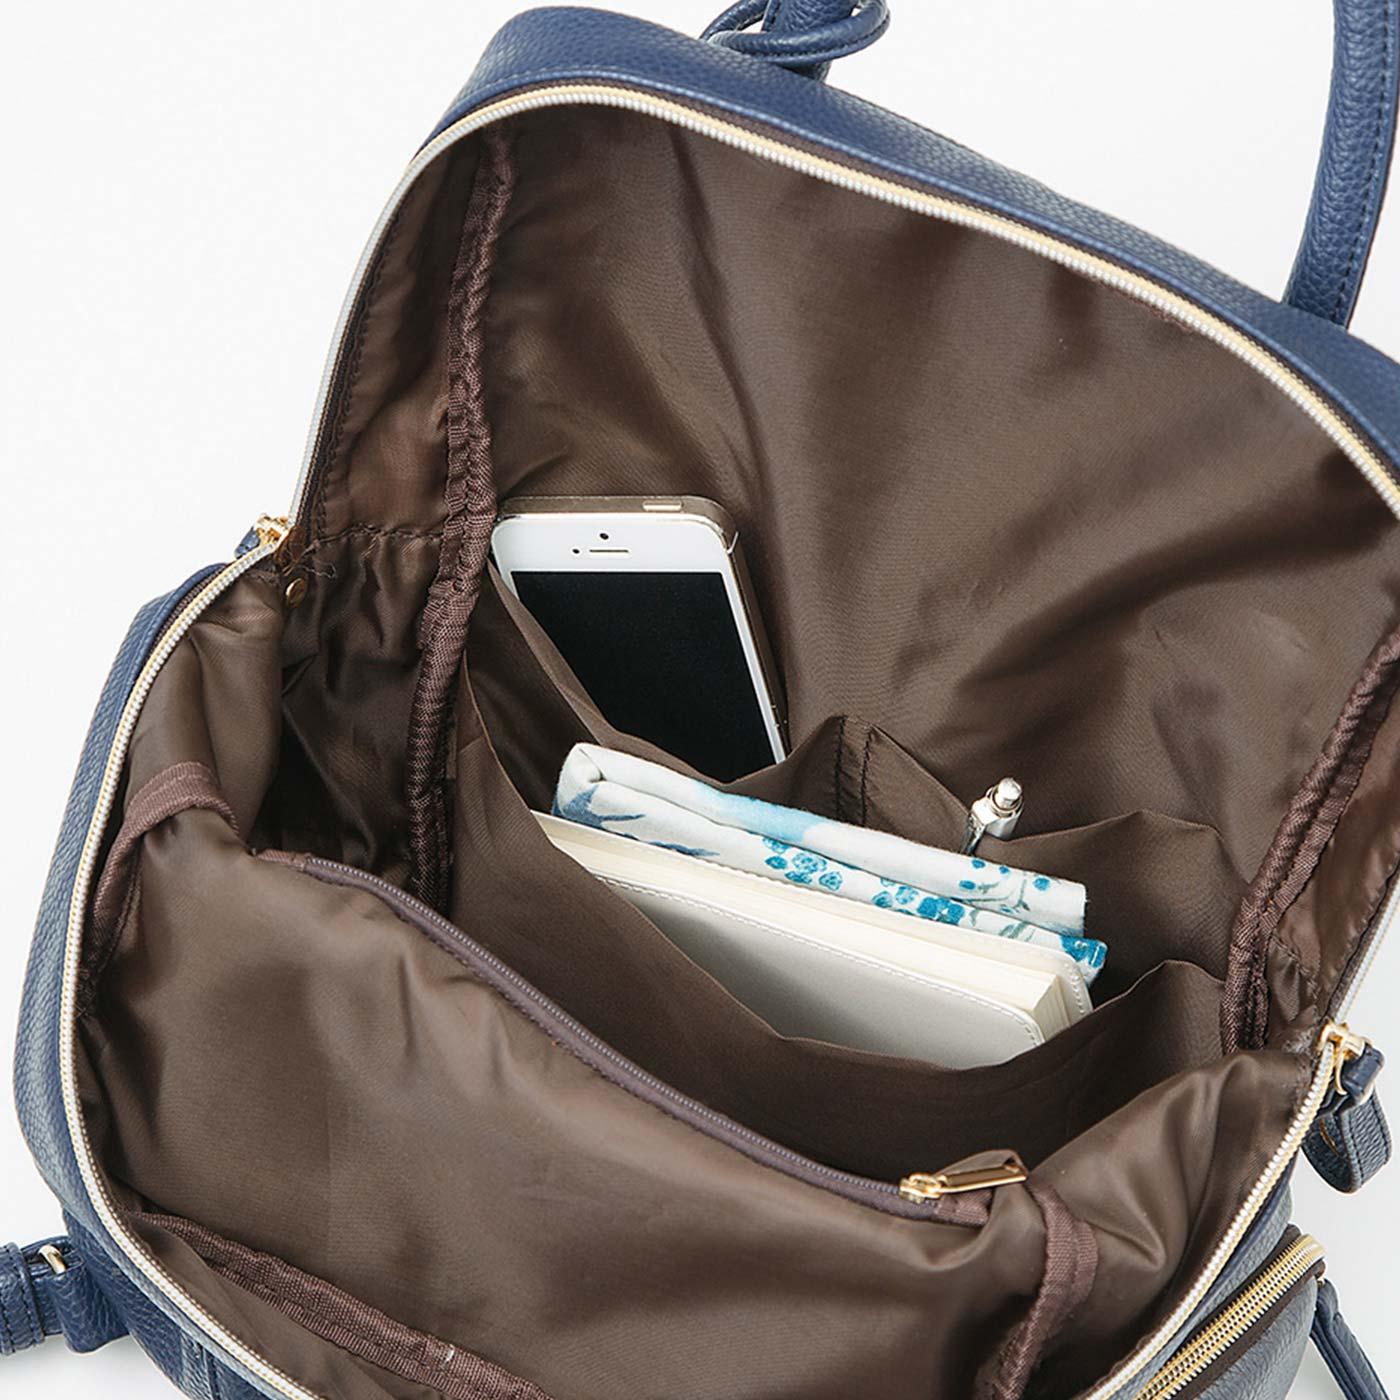 A4サイズや小さめのパソコンが縦にすっぽり。仕分けに便利な内ポケットも充実。